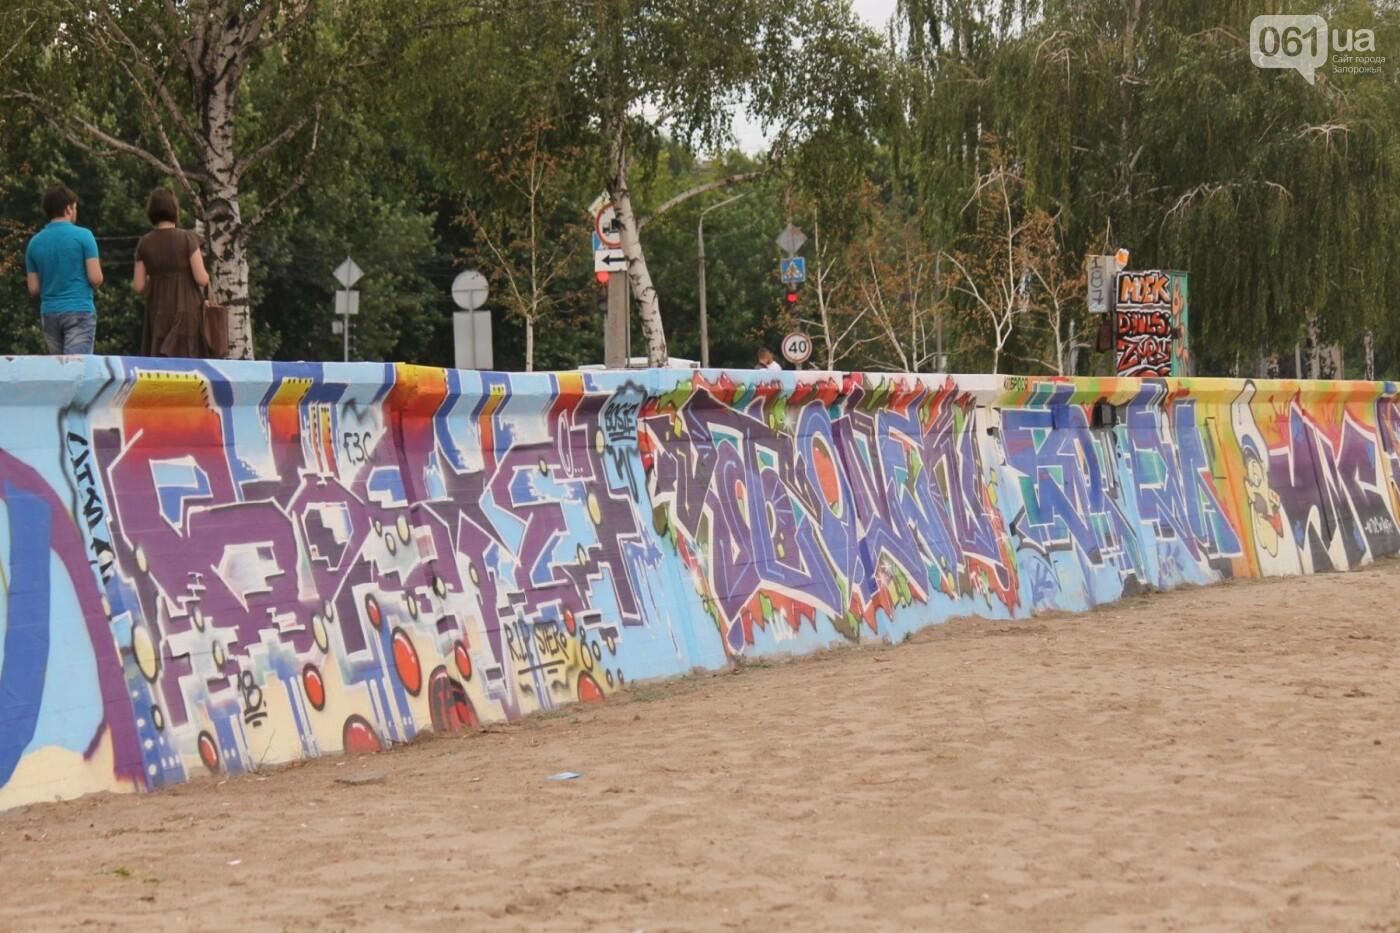 В Запорожье на пляже закончился фестиваль граффити: разрисовали 150 метров бетонной стены, – ФОТОРЕПОРТАЖ, фото-17